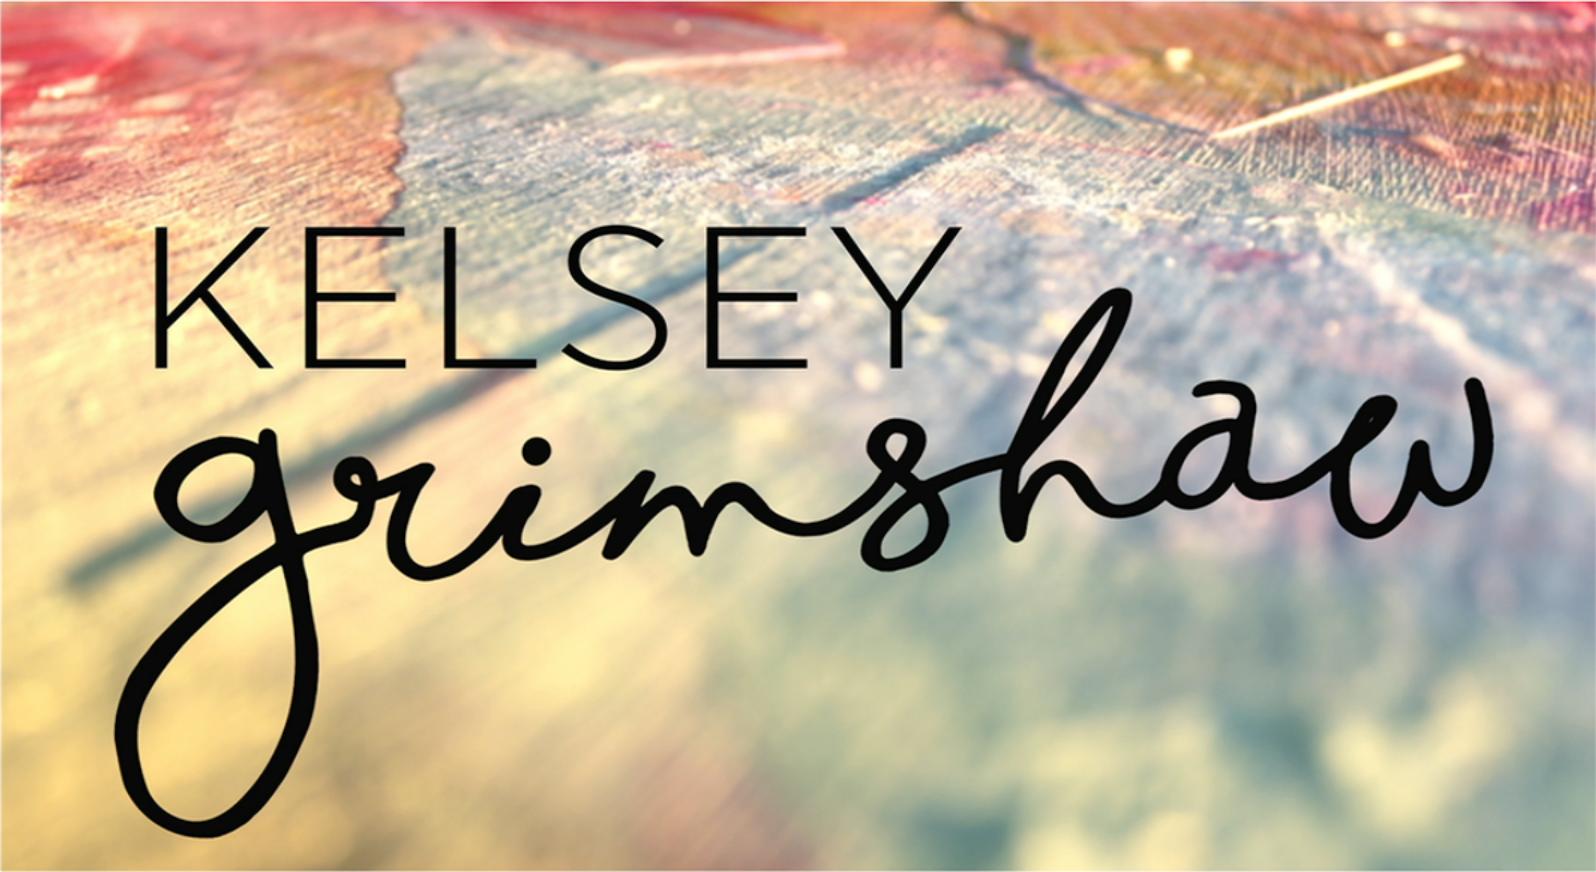 kelsey grimshaw.png